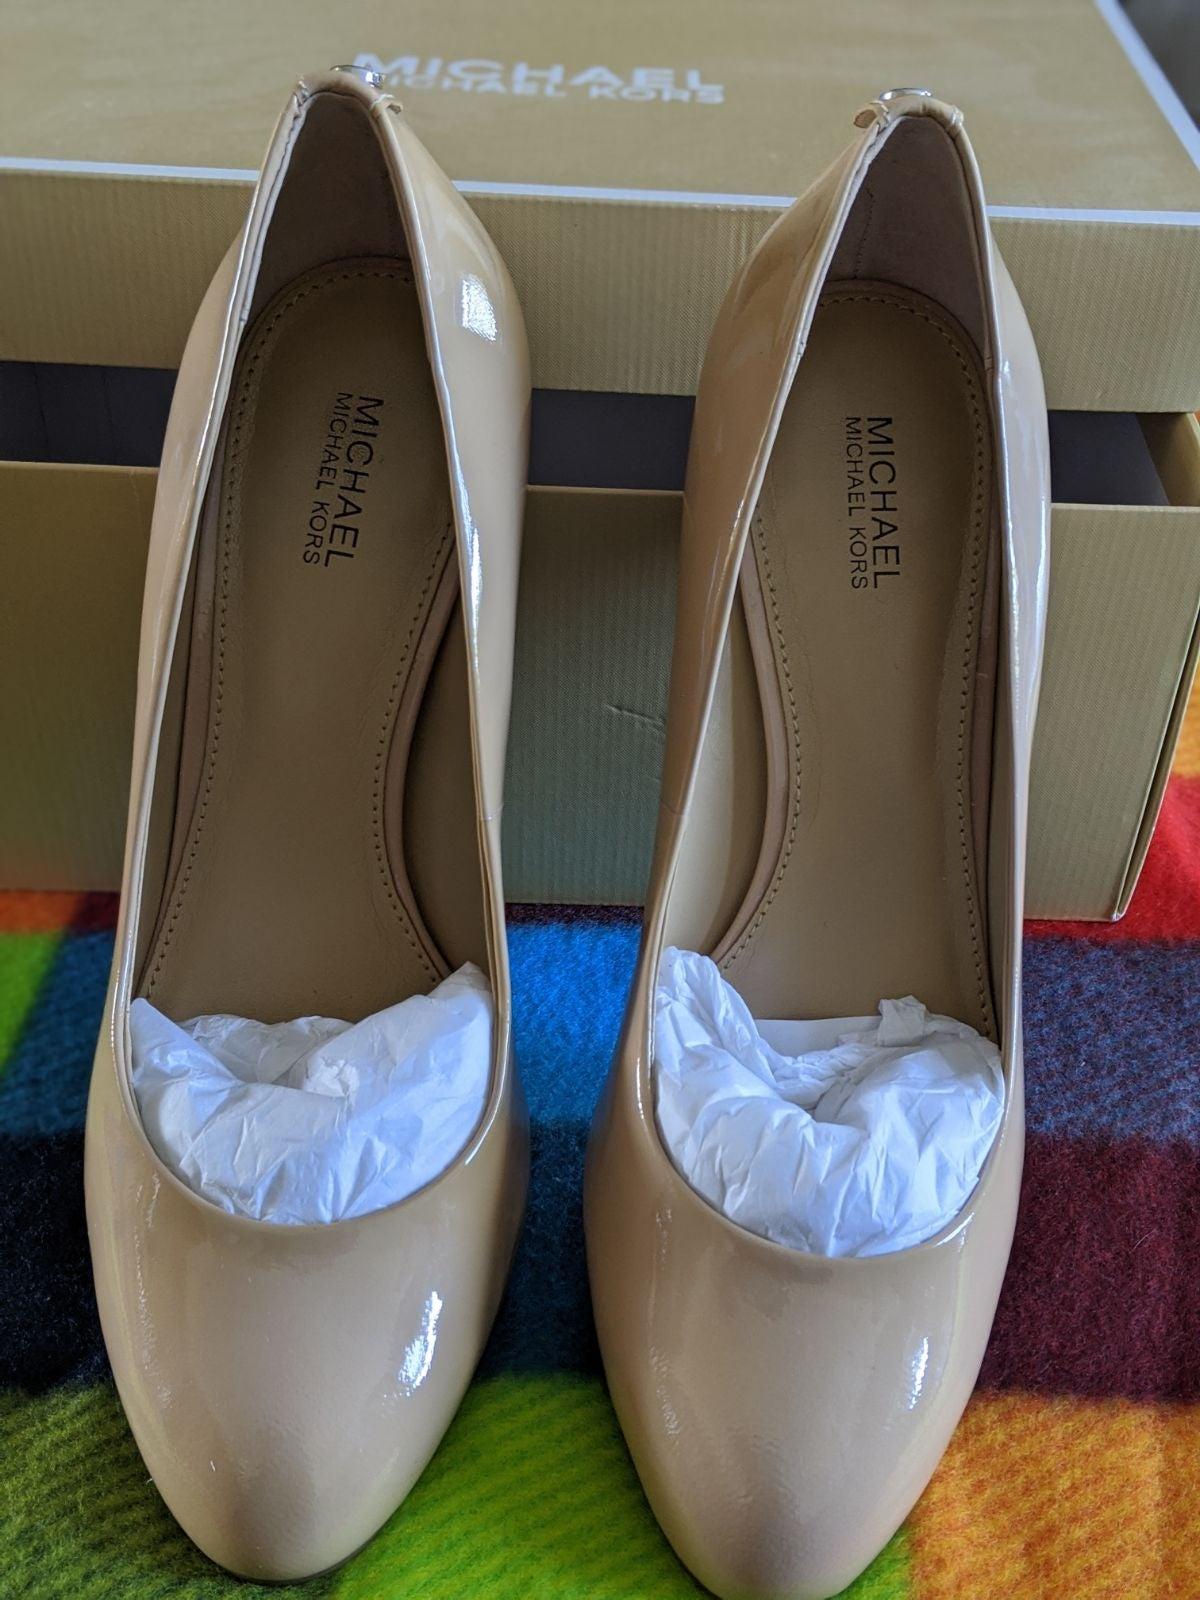 Michael kork's heels size 7.5